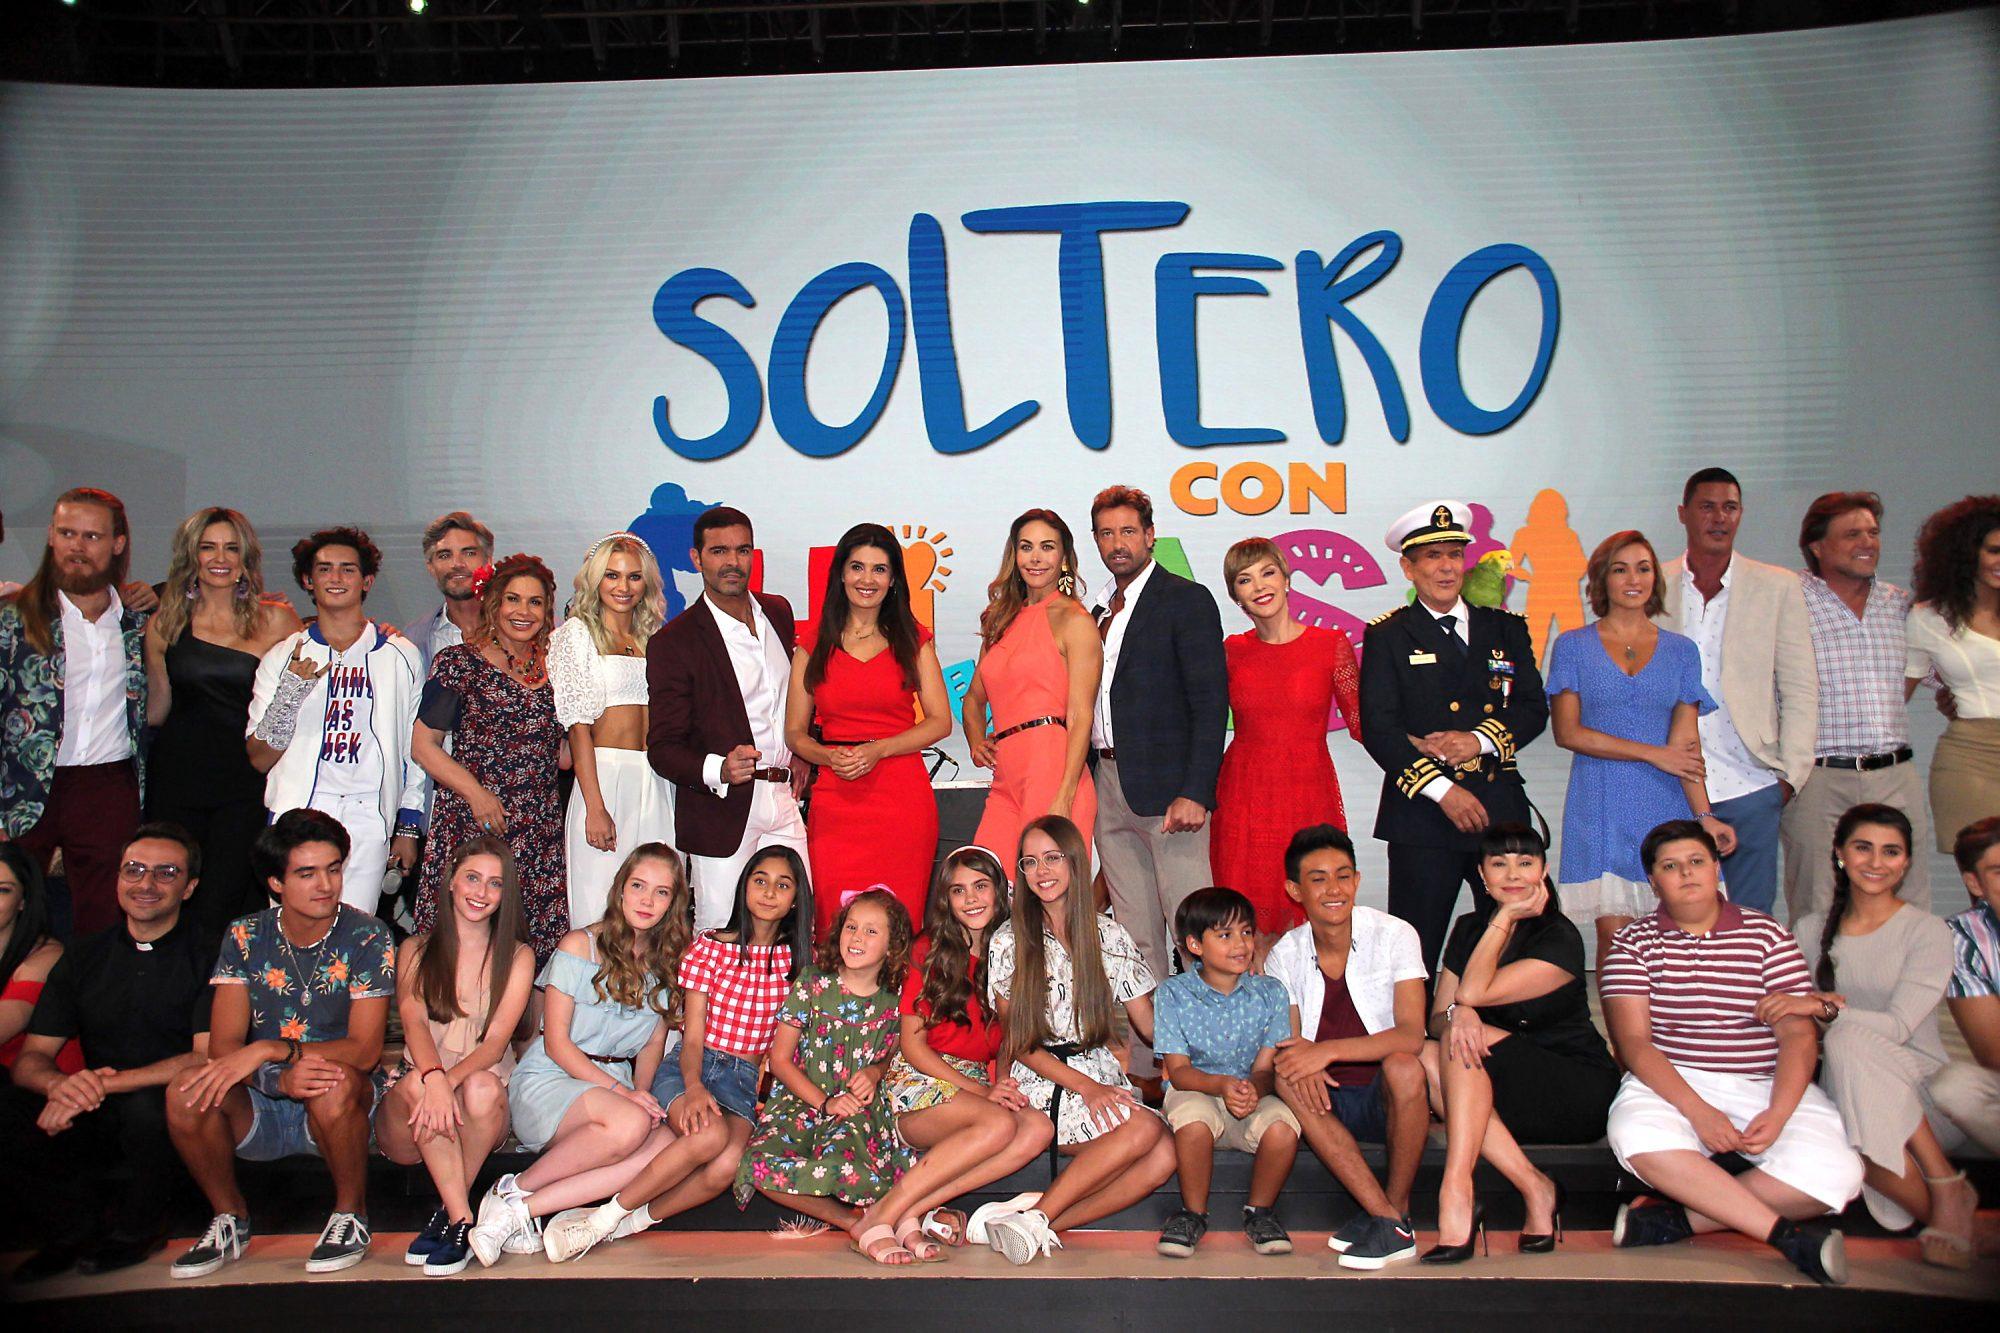 soltero-con-hijas-1-3.jpg